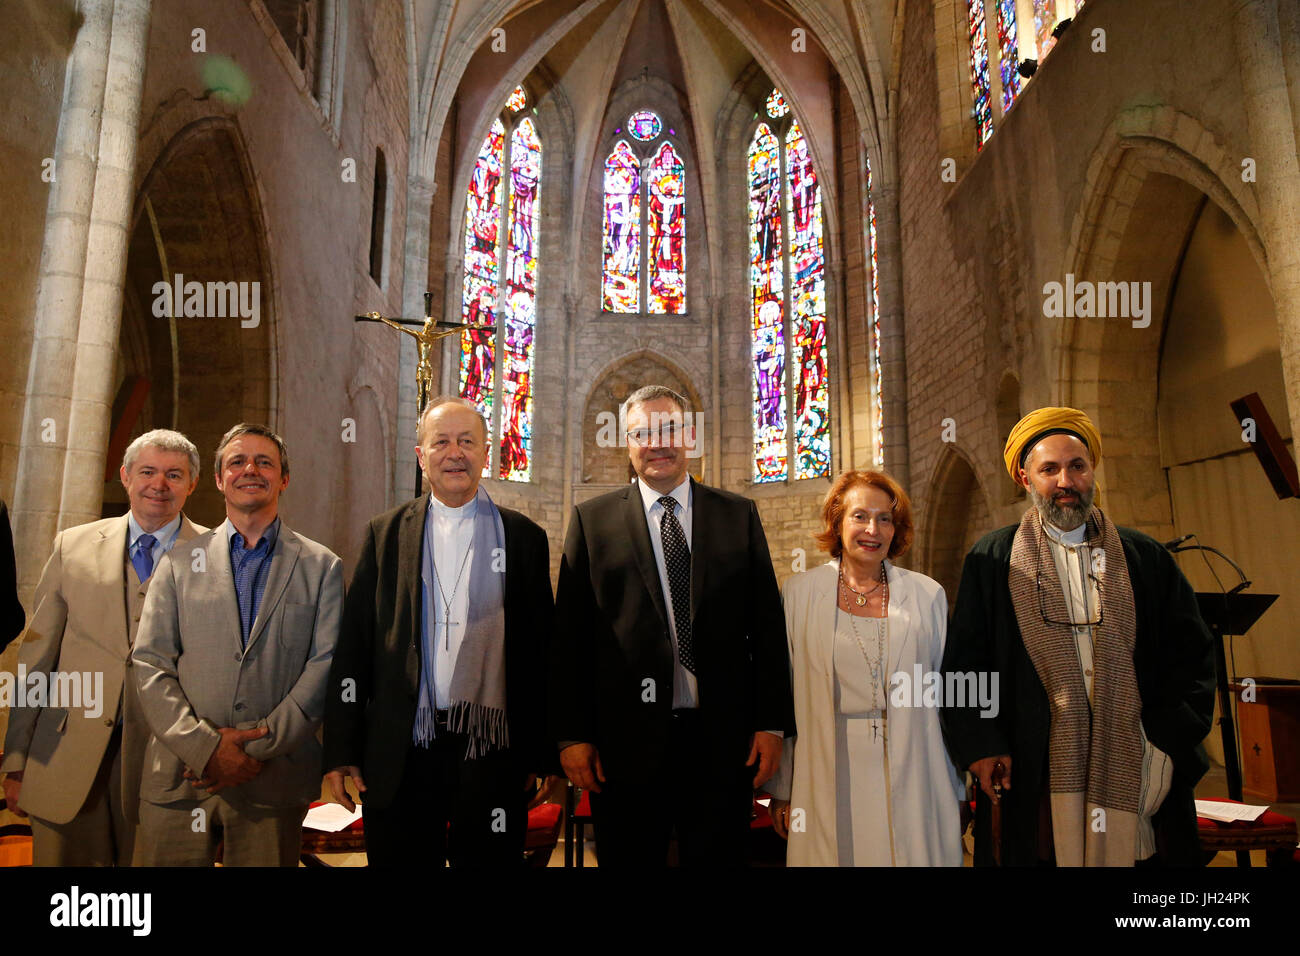 CathŽdrale Saint-Spire, Corbeille-Essonnes. RŽunion interreligieuse organisŽe par l'association Artisans de Paix. Stock Photo